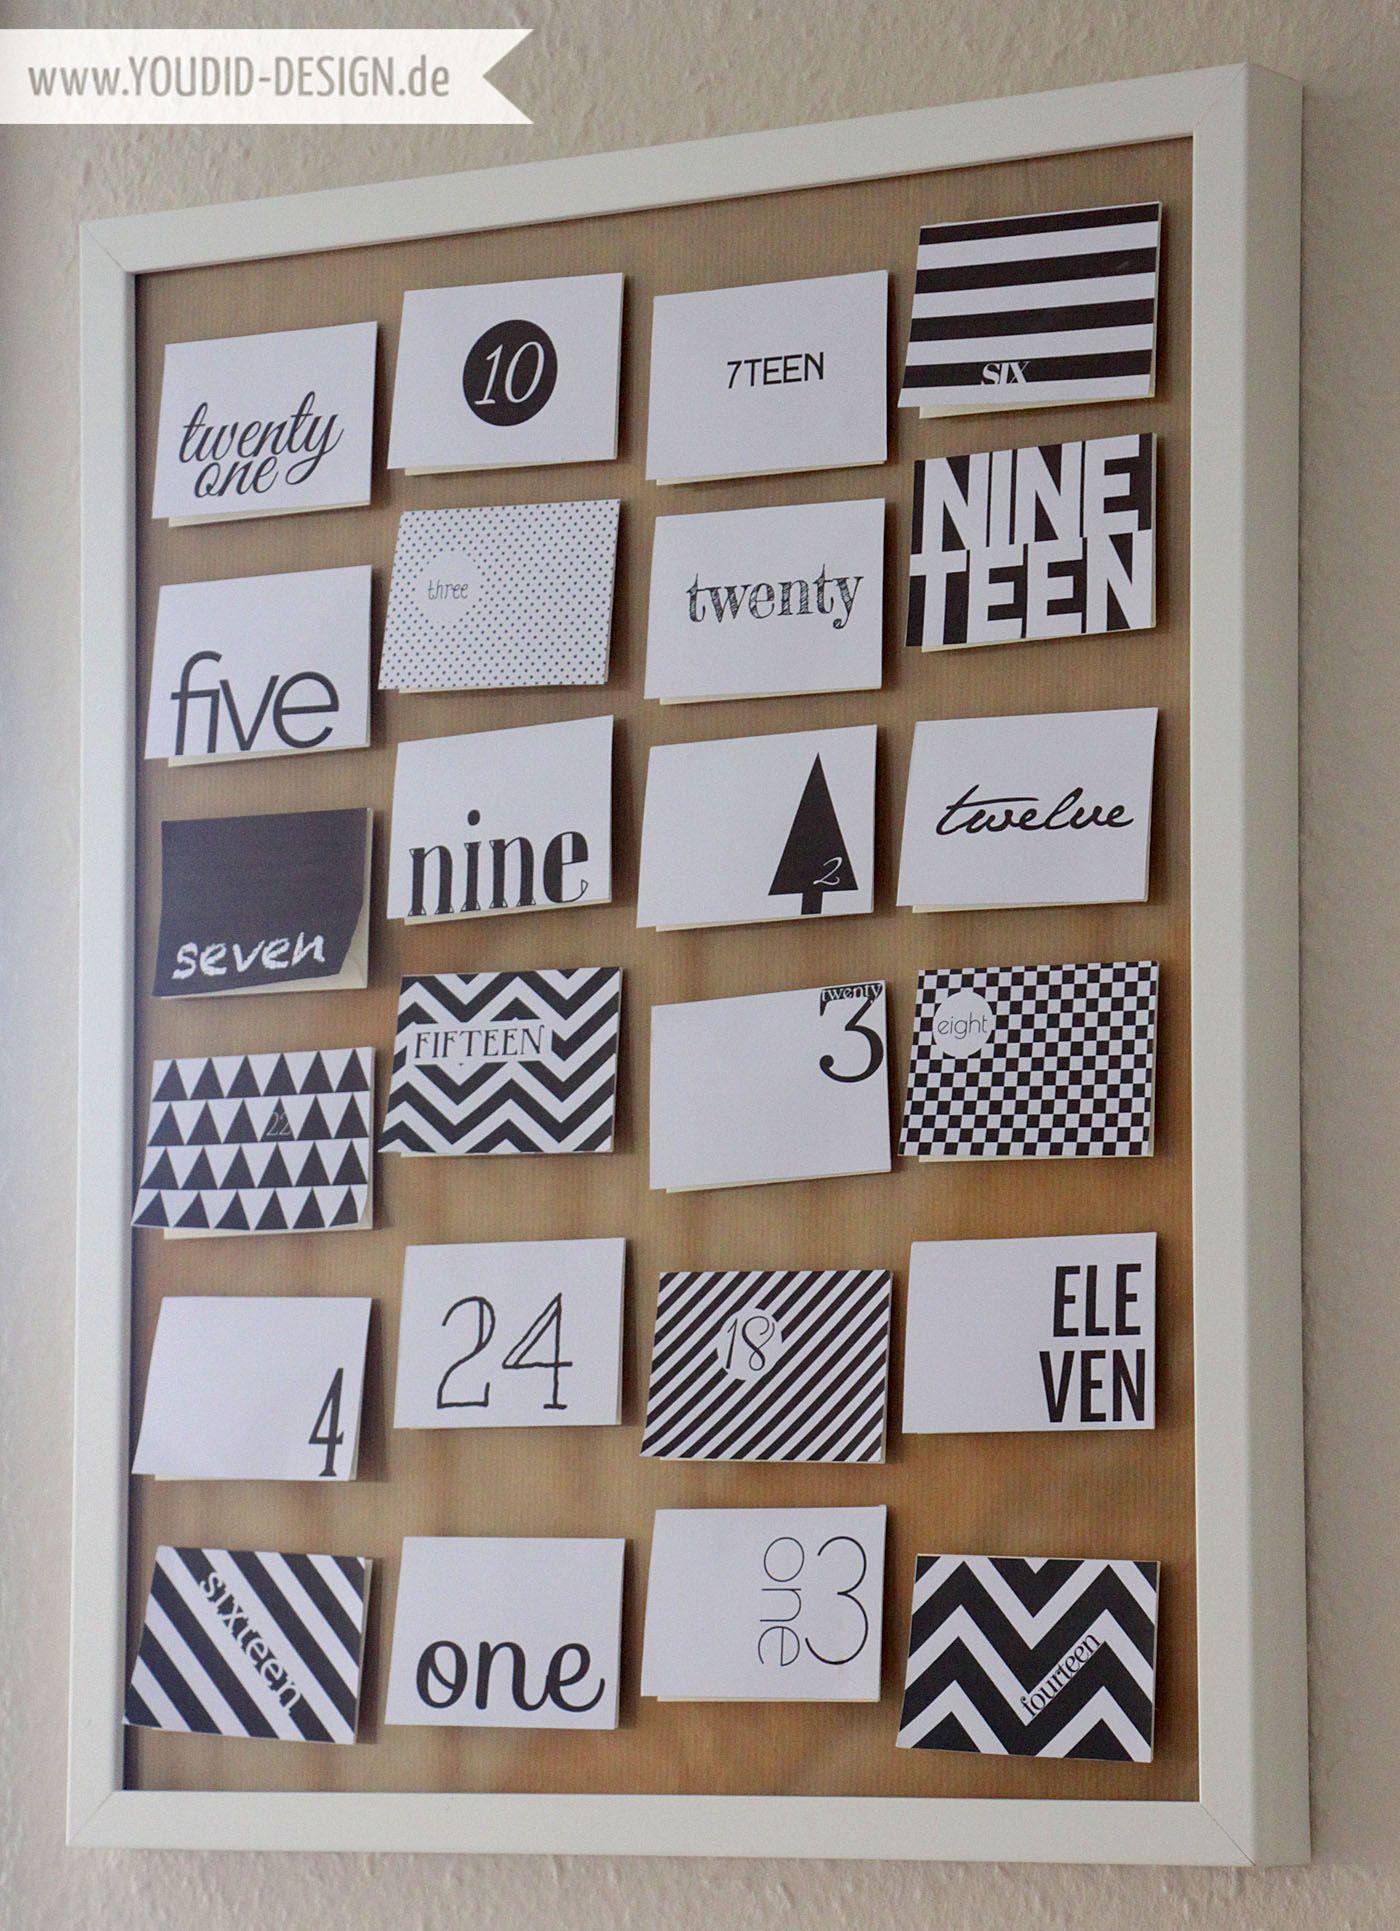 die besten 25 adventskalender selber basteln ideen auf pinterest adventskalender selber. Black Bedroom Furniture Sets. Home Design Ideas